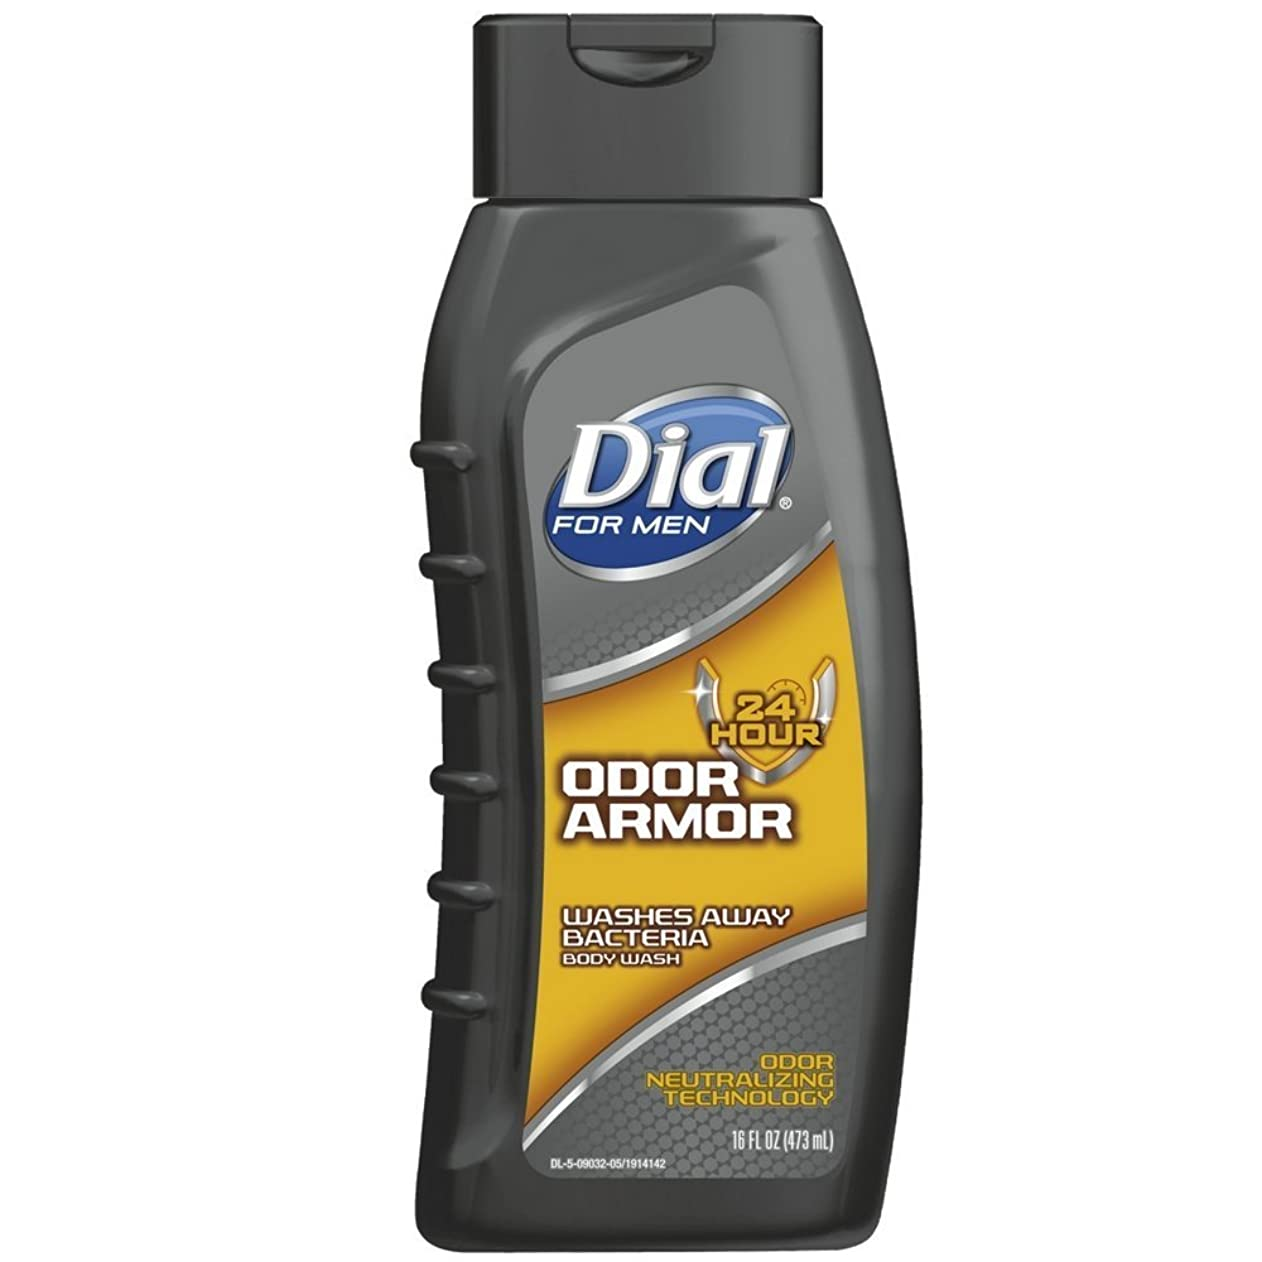 北西不一致補助Dial 男性抗菌ボディウォッシュ、臭いアーマー16オンスのために